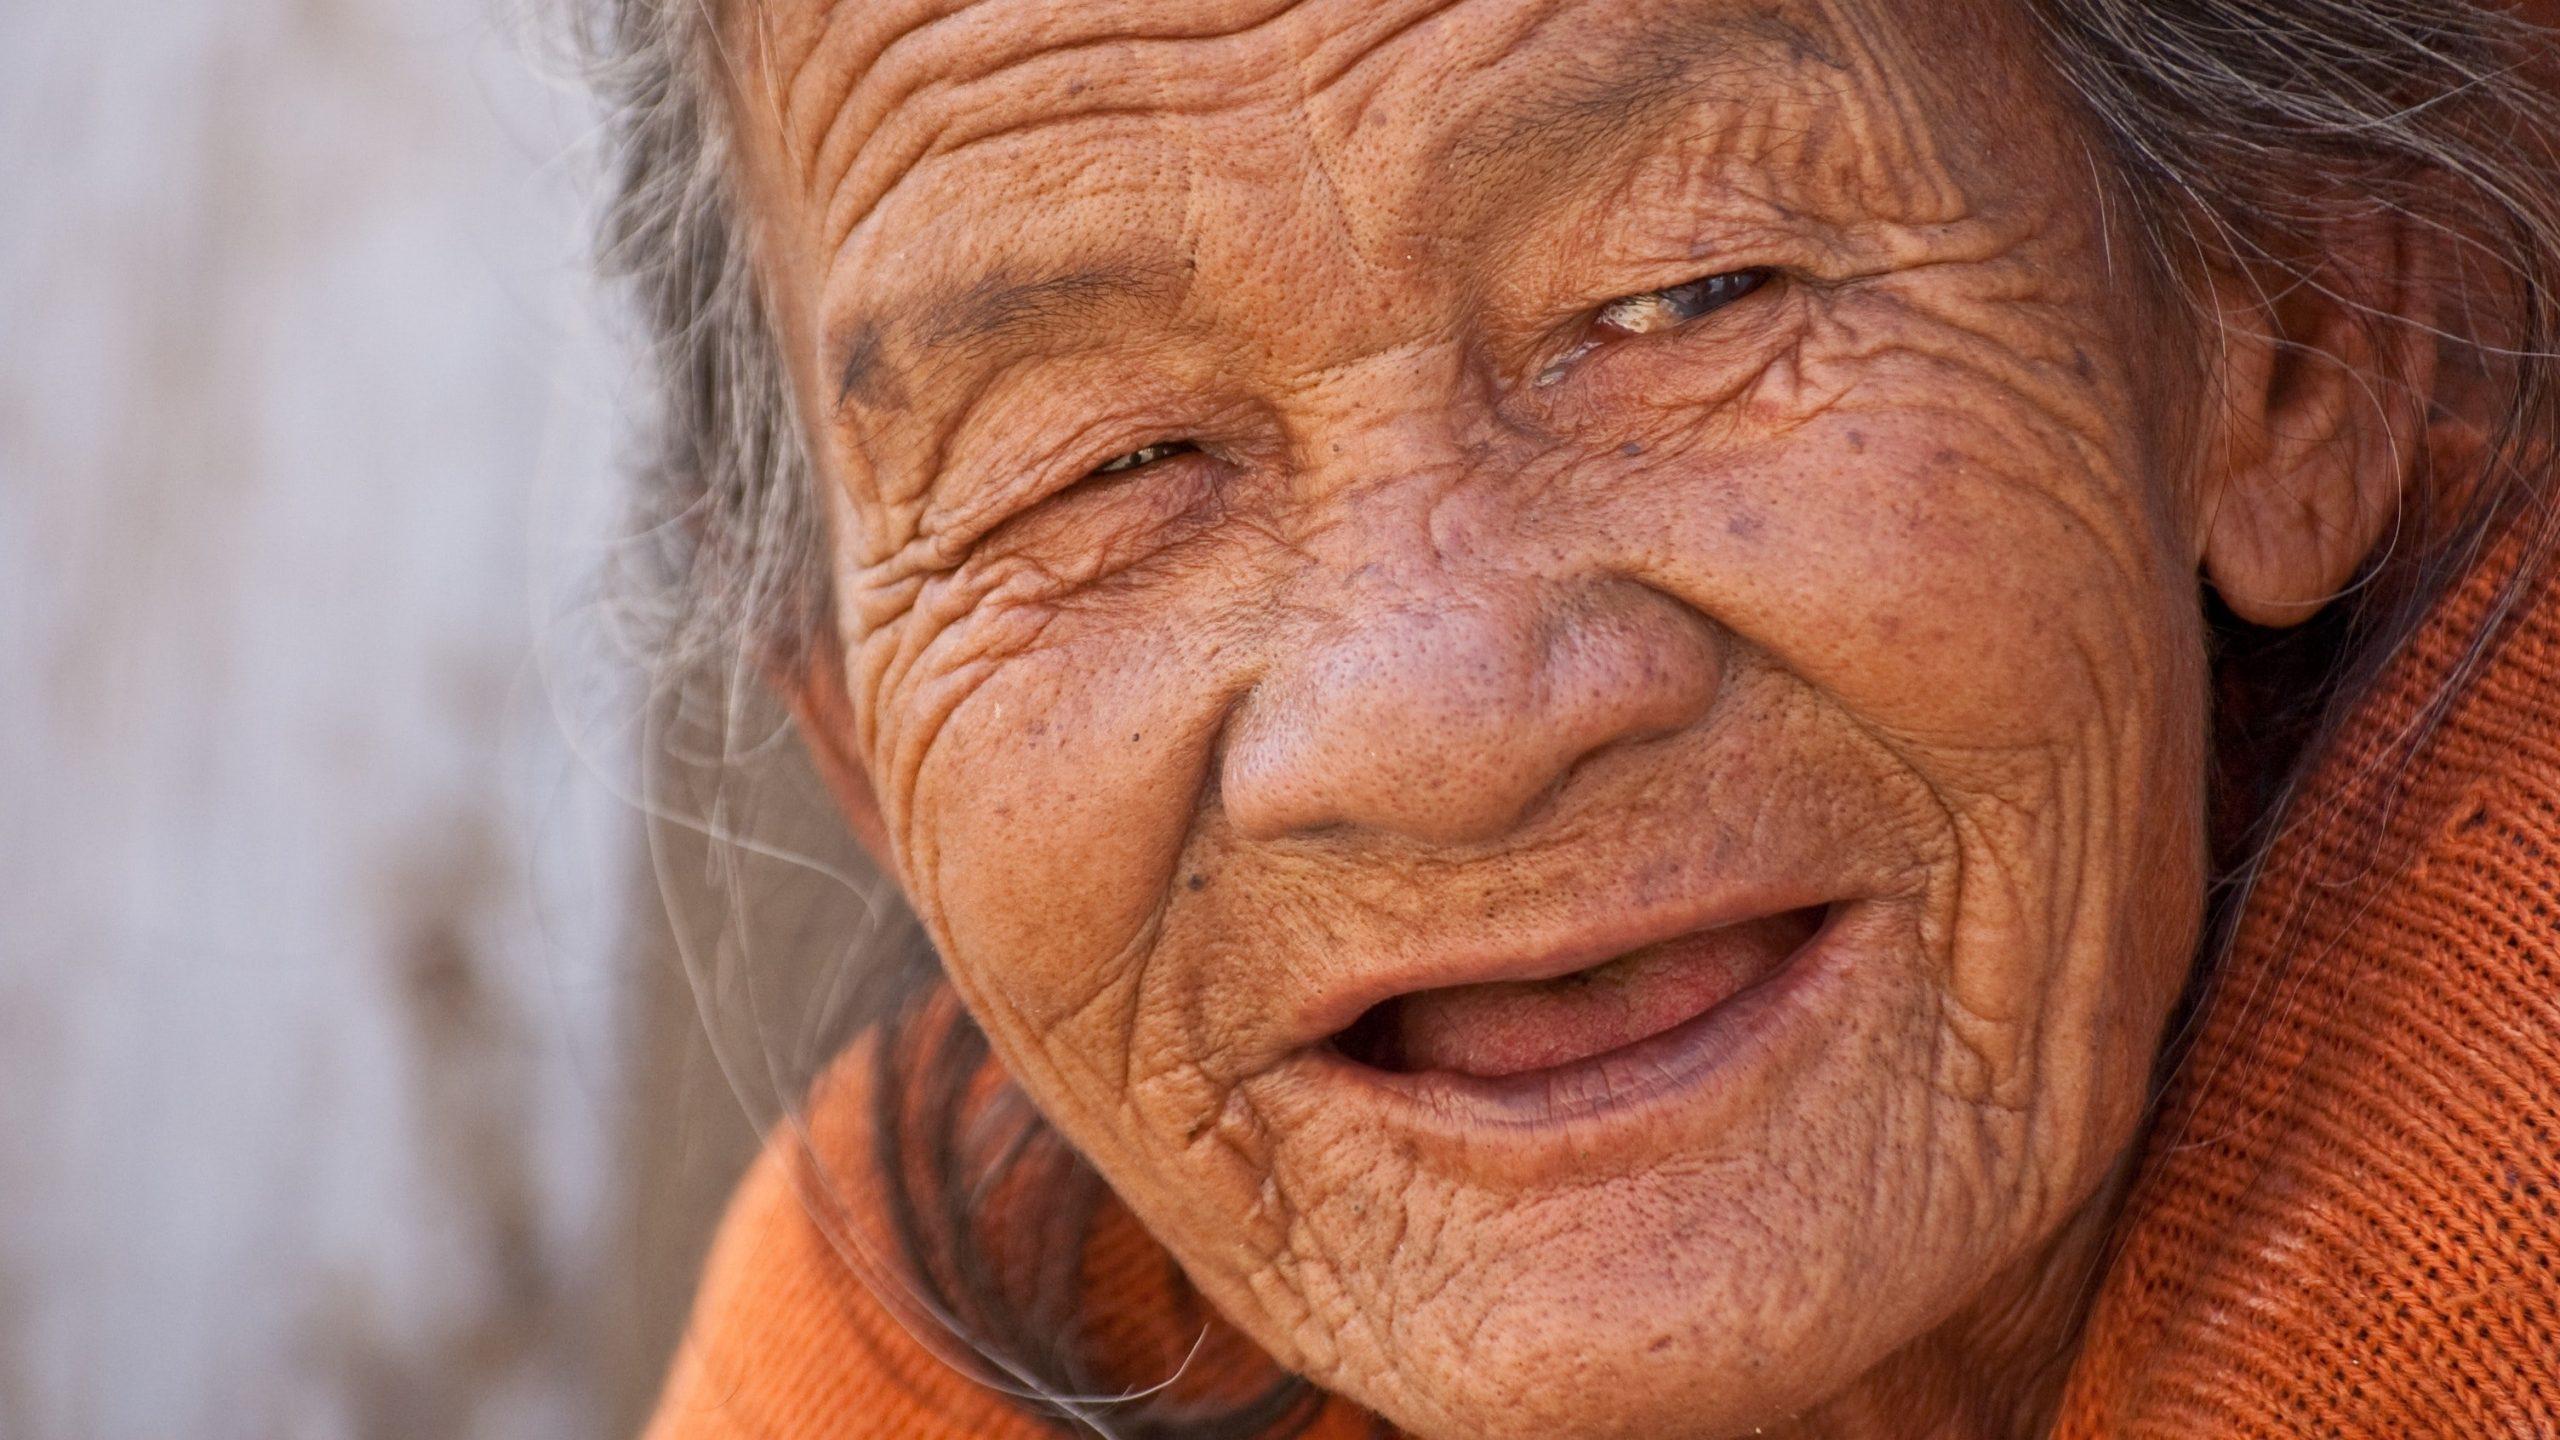 กรมบัญชีกลาง บัตรคนจน บัตรสวัสดิการแห่งรัฐ ผู้สูงอายุ เบี้ยยังชีพผู้สูงอายุ